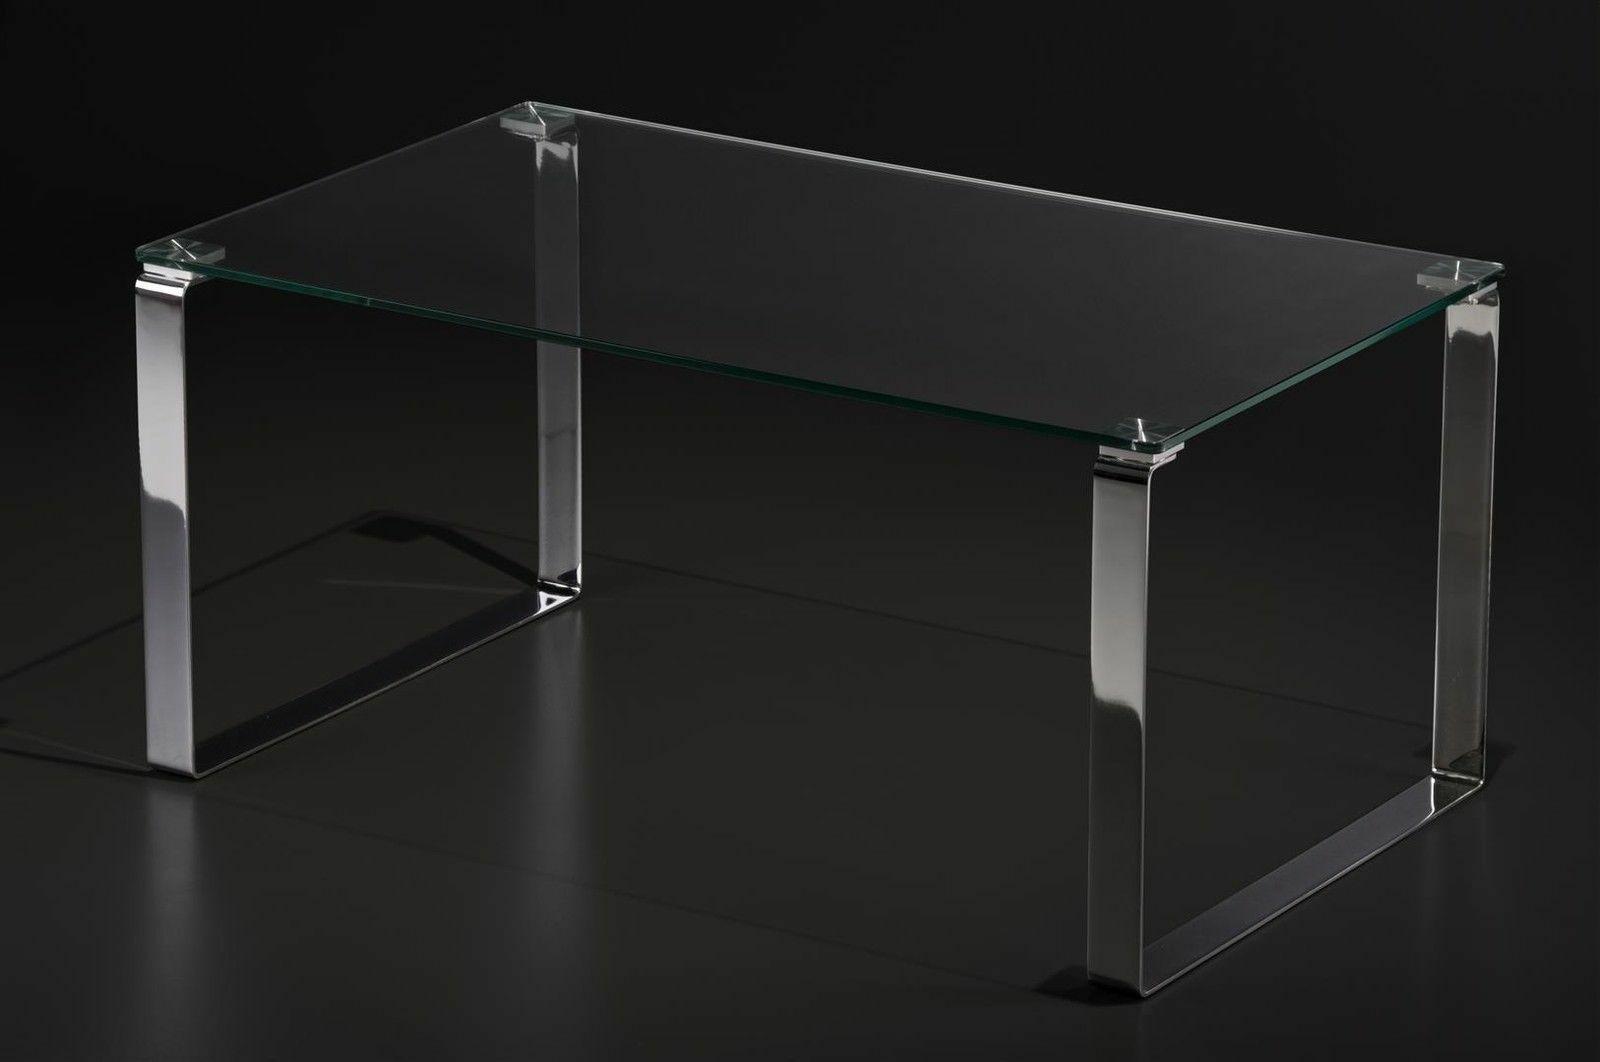 glas couchtische modern finest couchtisch glas grau grau. Black Bedroom Furniture Sets. Home Design Ideas